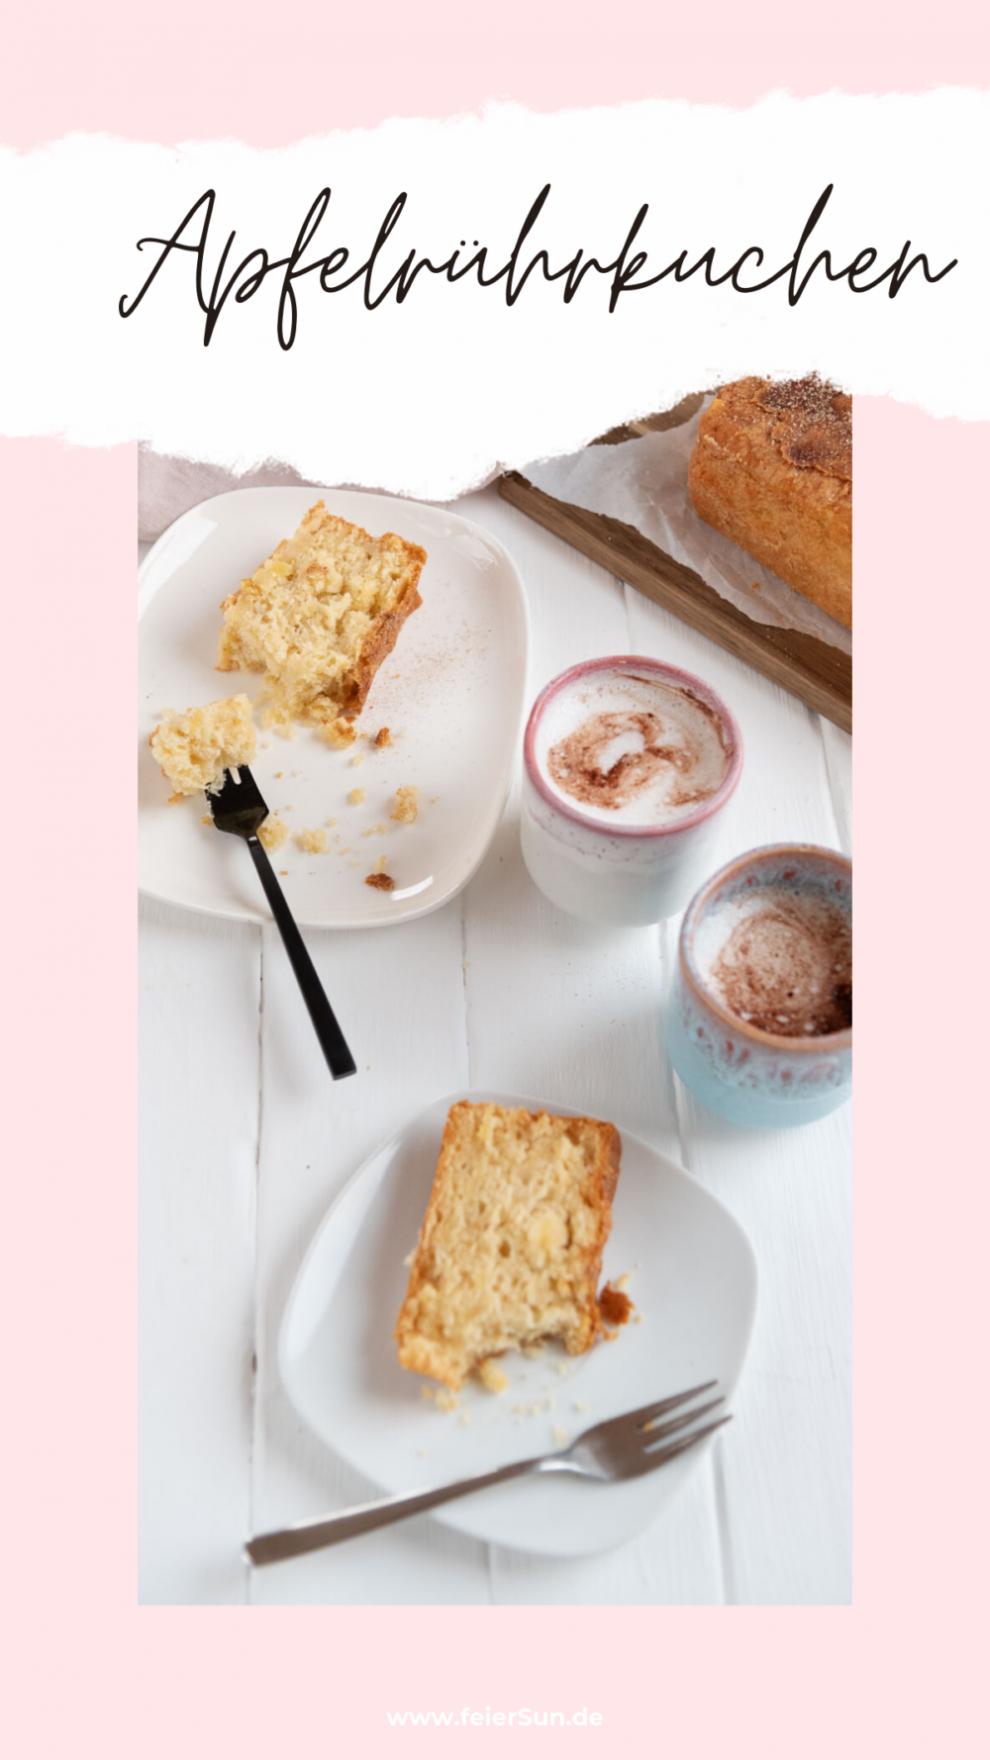 Apfelrührkuchen ist der perfekte Kuchen, nicht nur für Sonntags. Einfach und mit wenigen Handgriffen gemacht steht der saftige und leckere Apfel-Rührkuchen mit Zimtkruste auf dem Tisch. Milchfrei und einfach. #feierSun #Apfelrührkuchen #Rührkuchen #apfelkuchen